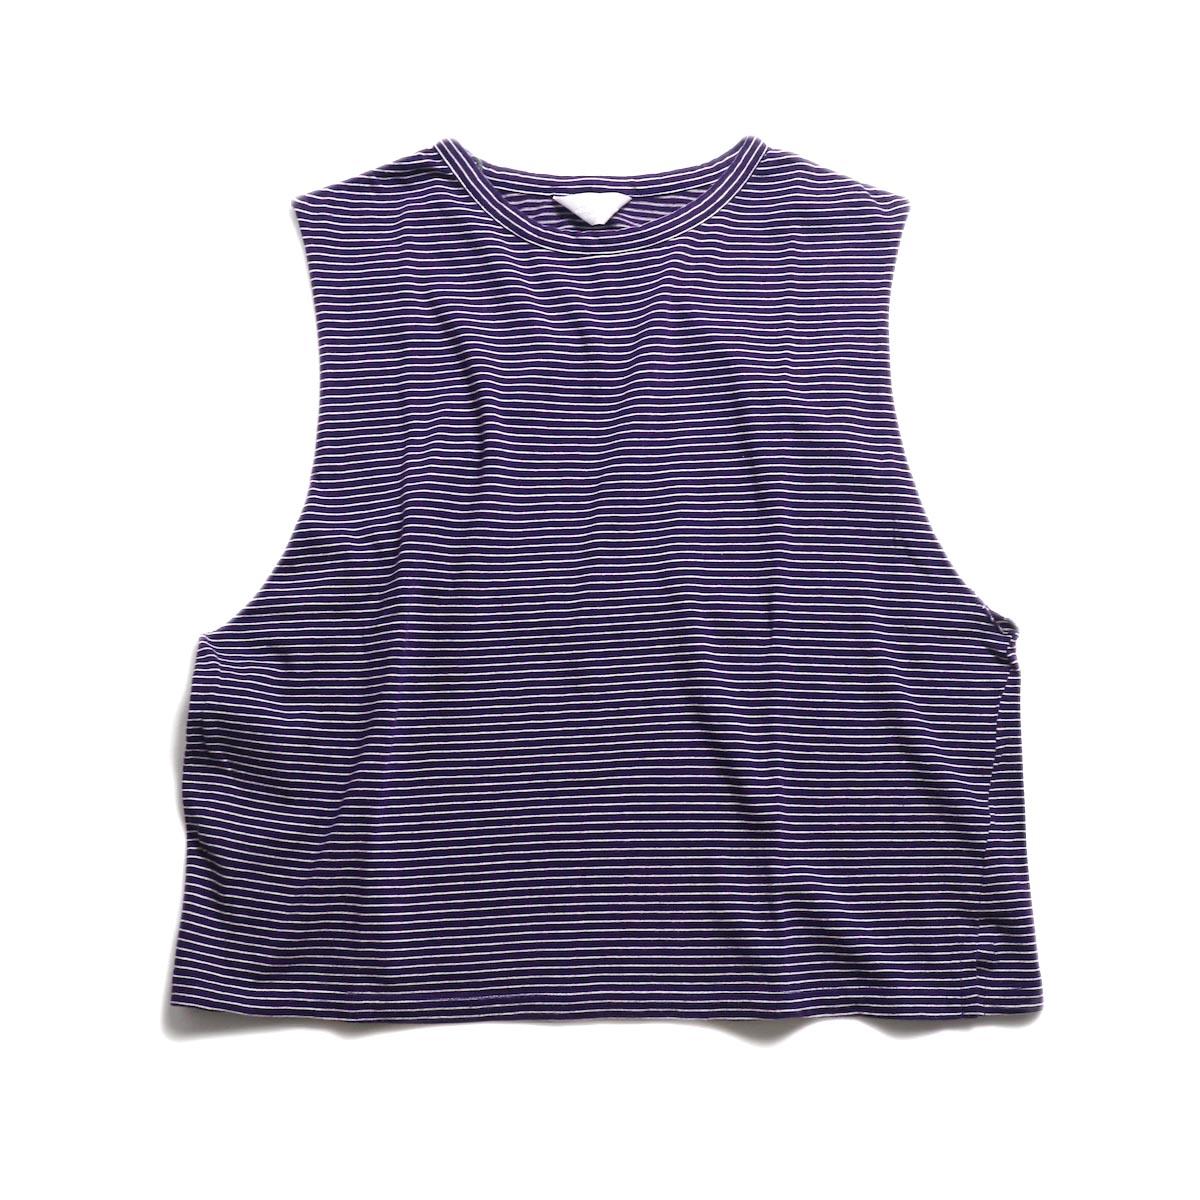 UNUSED / US1568 Border No Sleeve Tee (Purple×White)